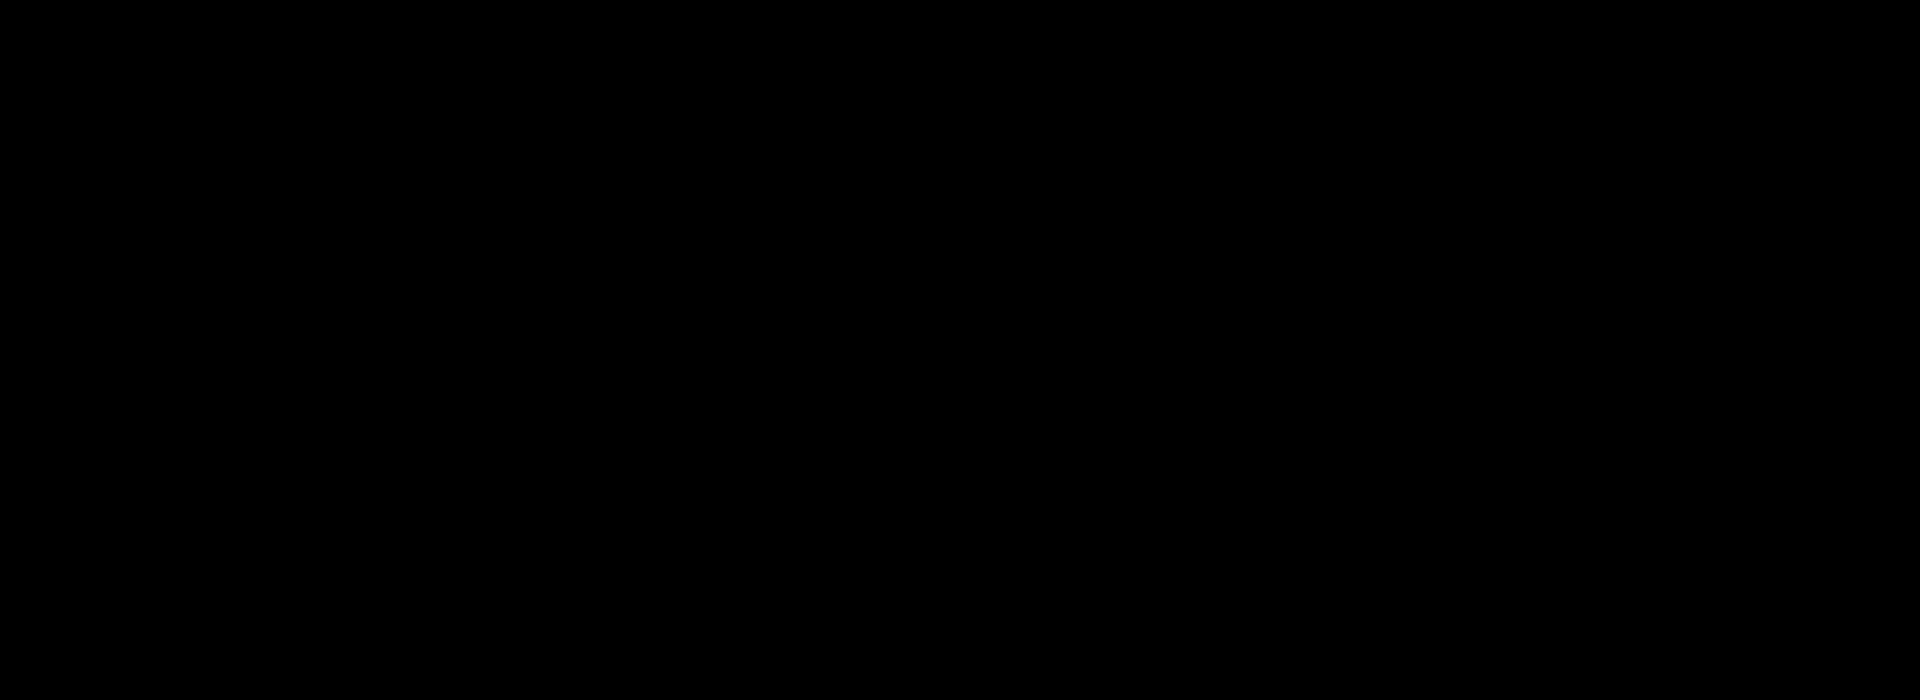 1920×700-min